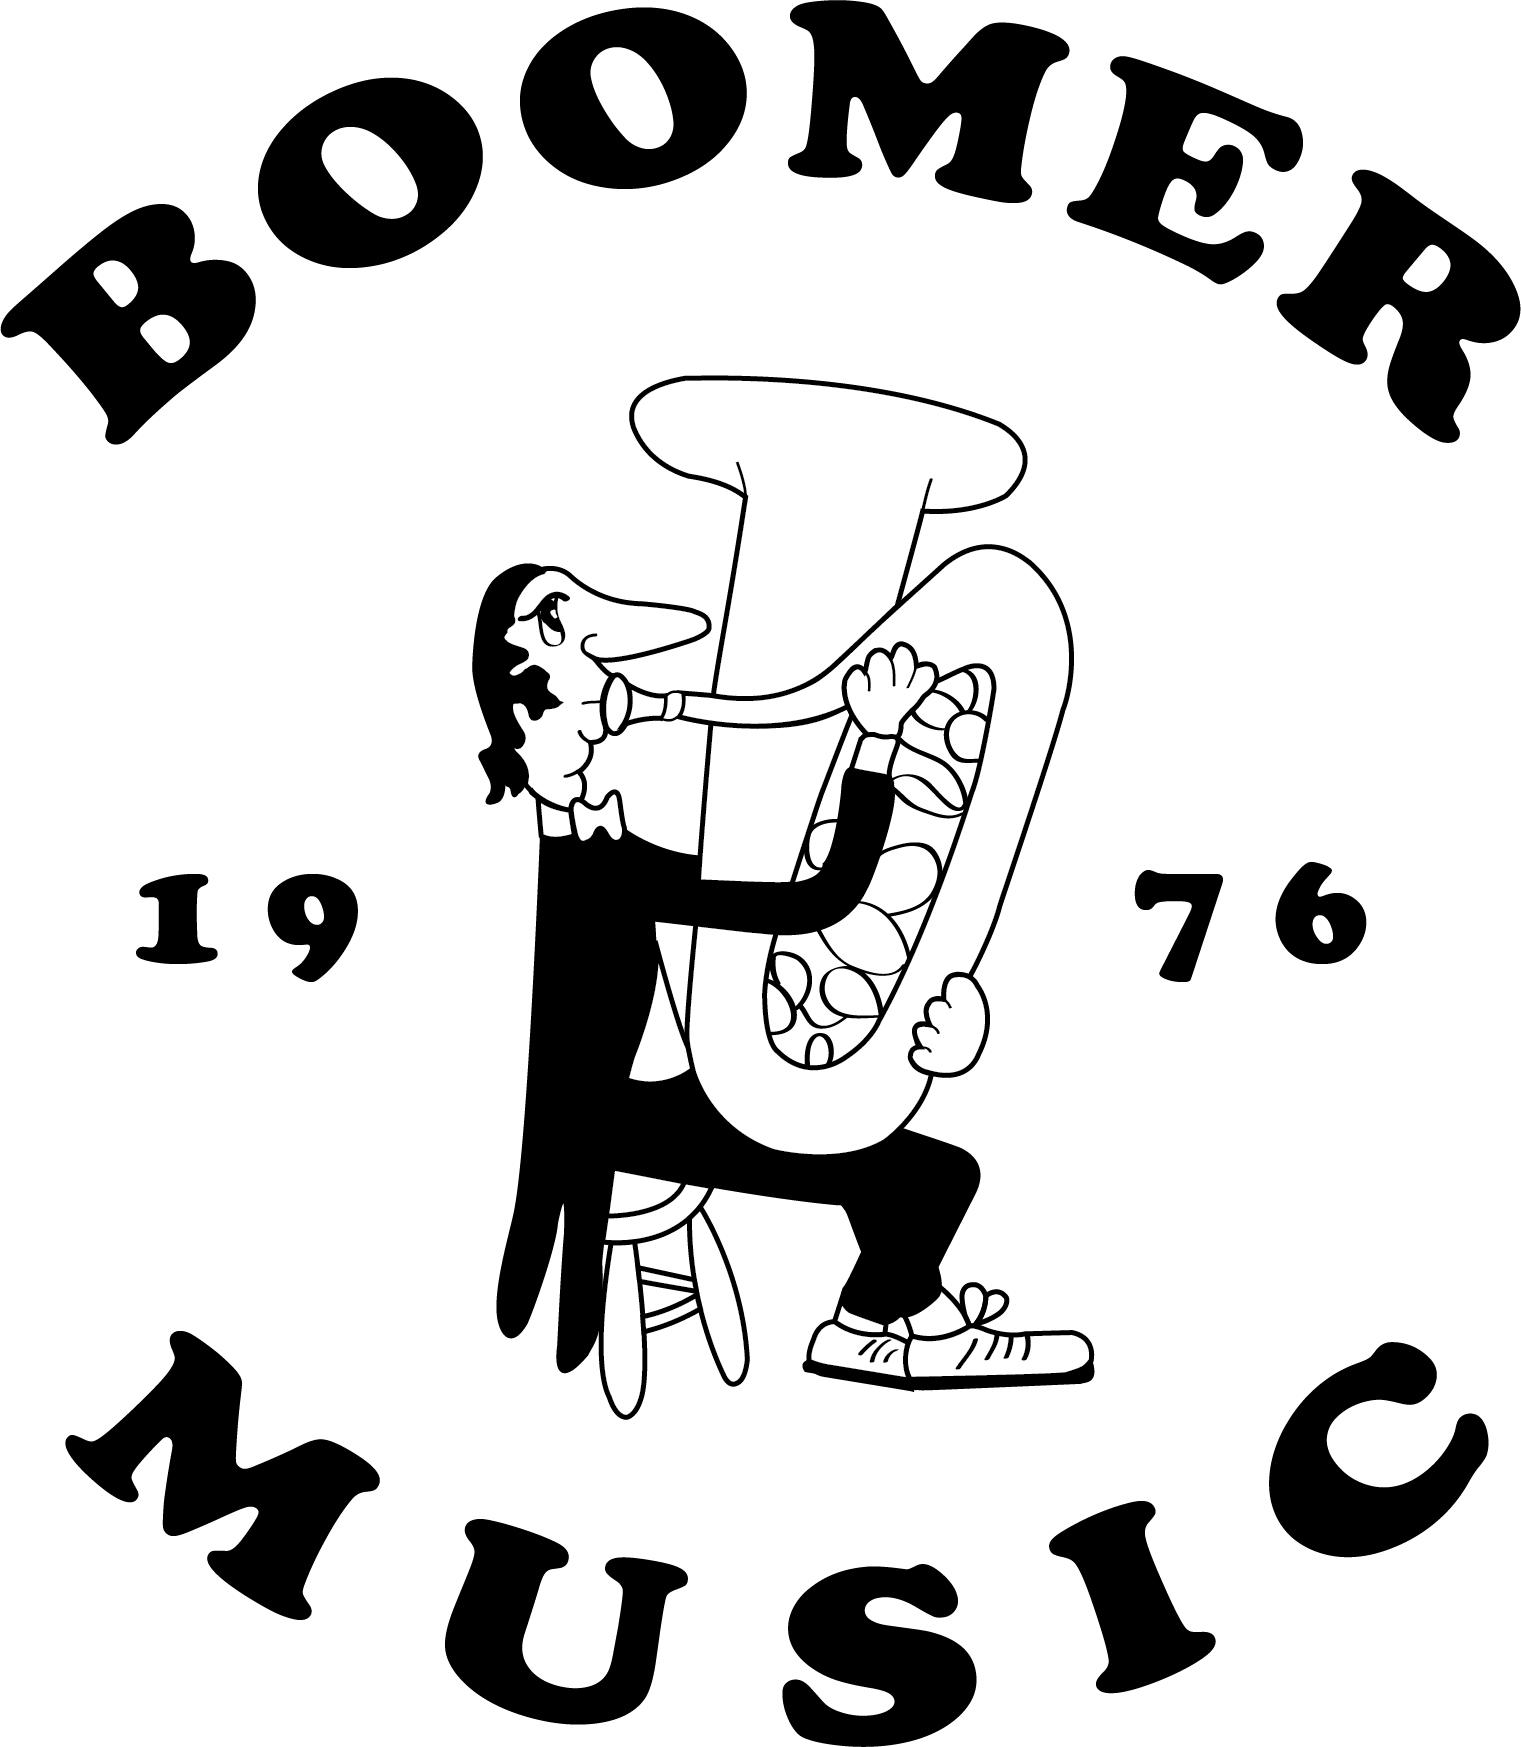 Boomer Music